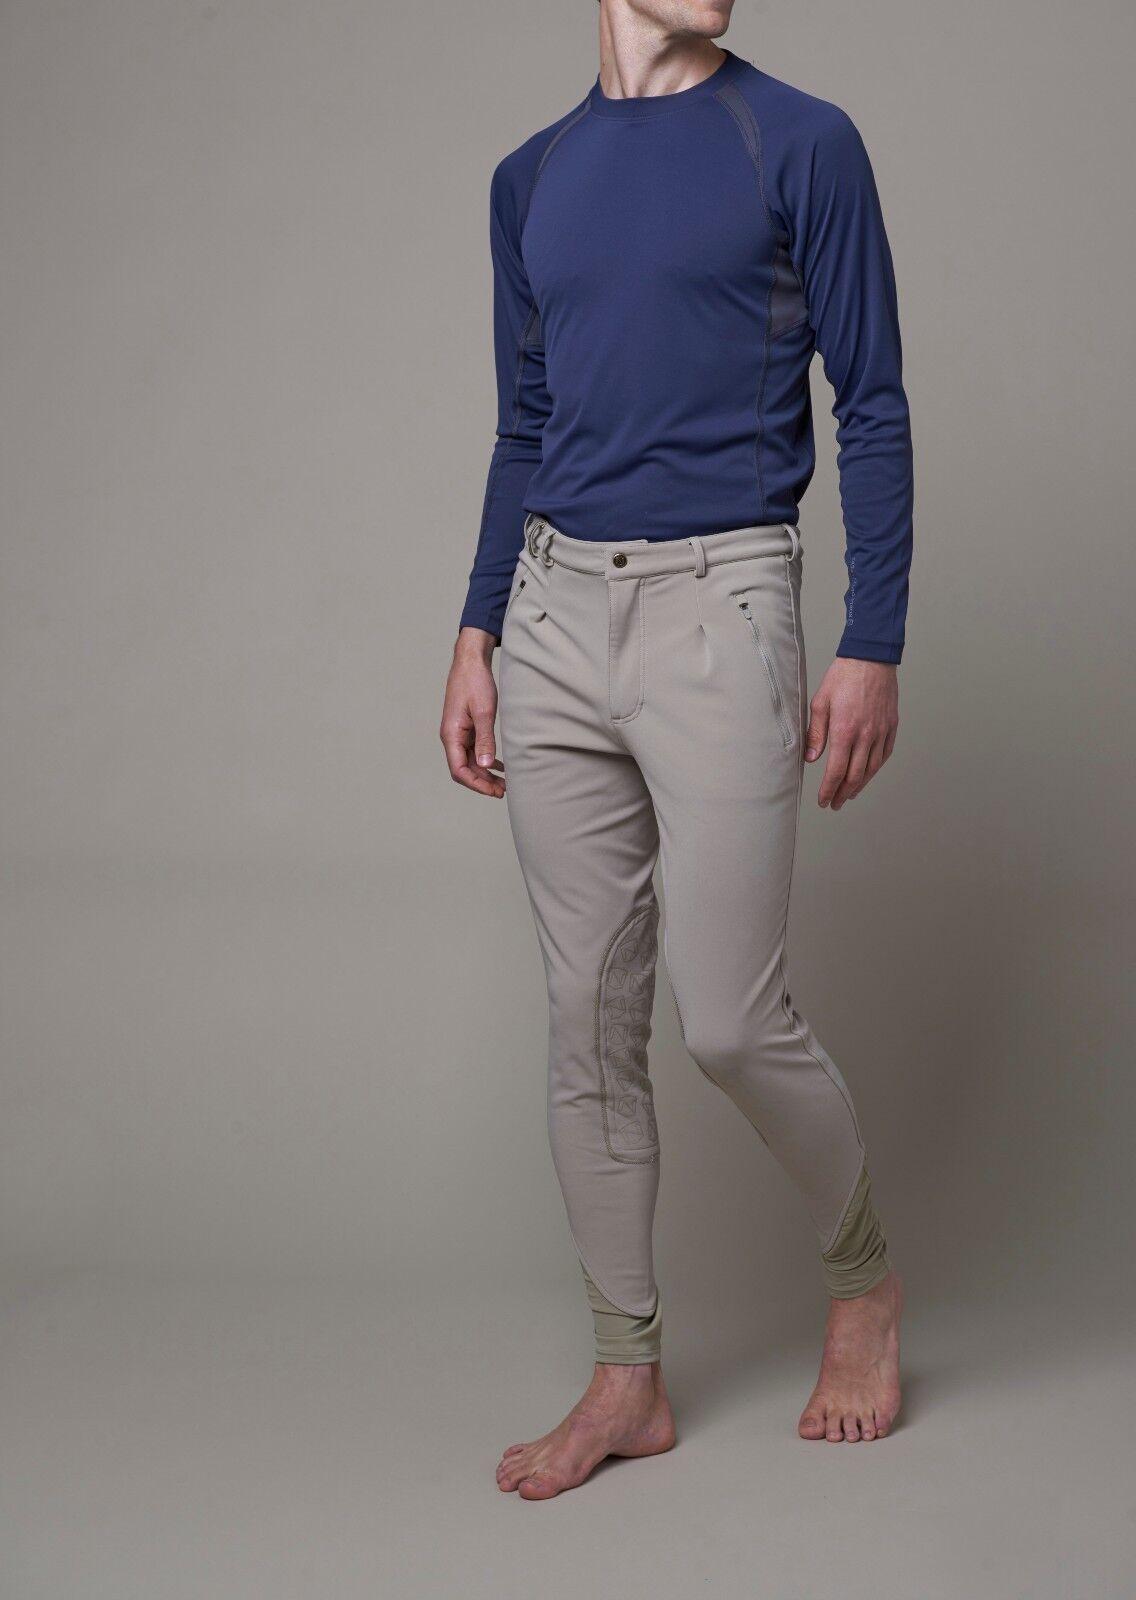 nuevo   noble Outfitters Para Hombre Softshell Pantalones De Montar Bronceado tradicional Talla 34  el más barato